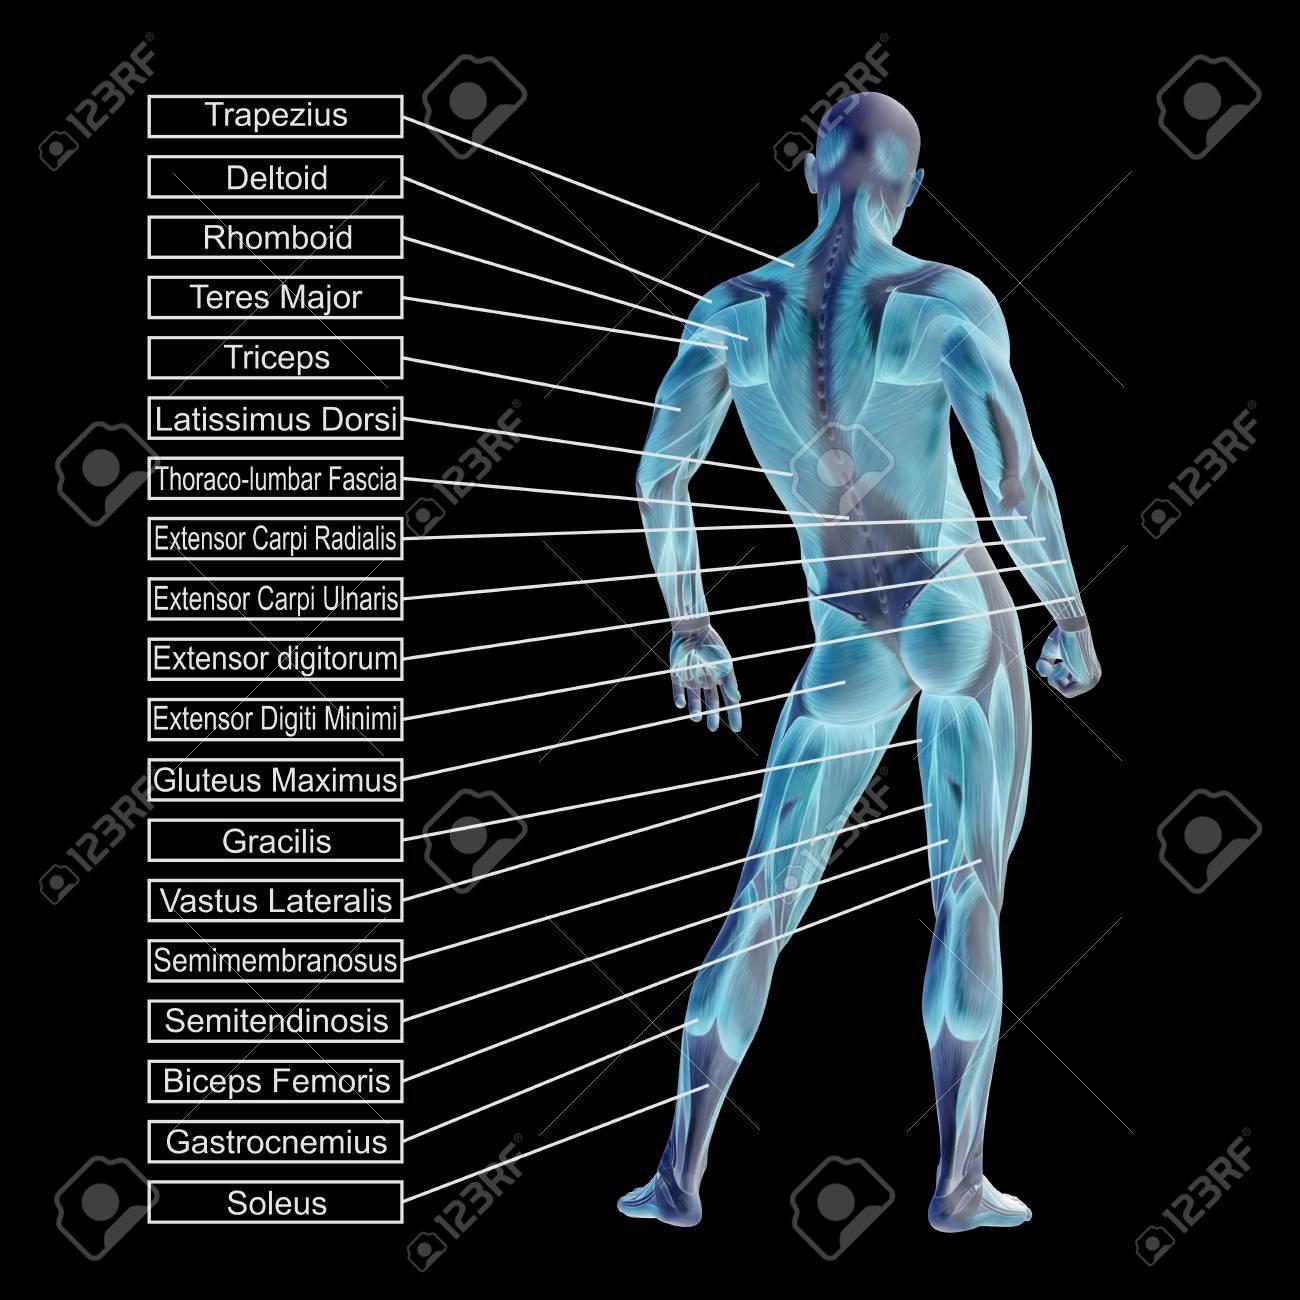 Famoso Anatomía Masculina Eje Imágenes - Anatomía de Las Imágenesdel ...